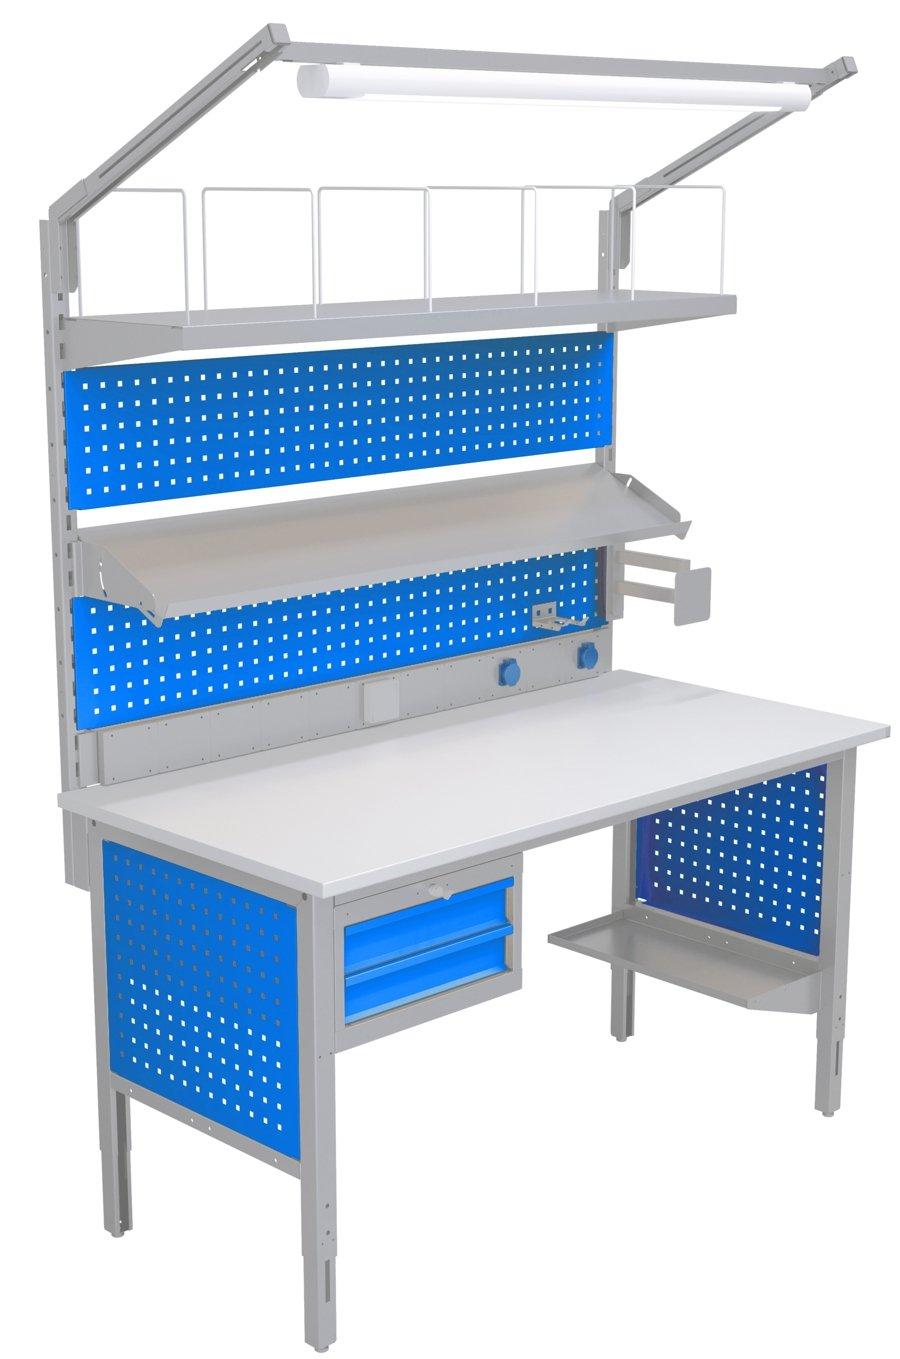 Stół do pakowania o szerokości 1550mm z oświetleniem, półkami i uchwytem na monitor